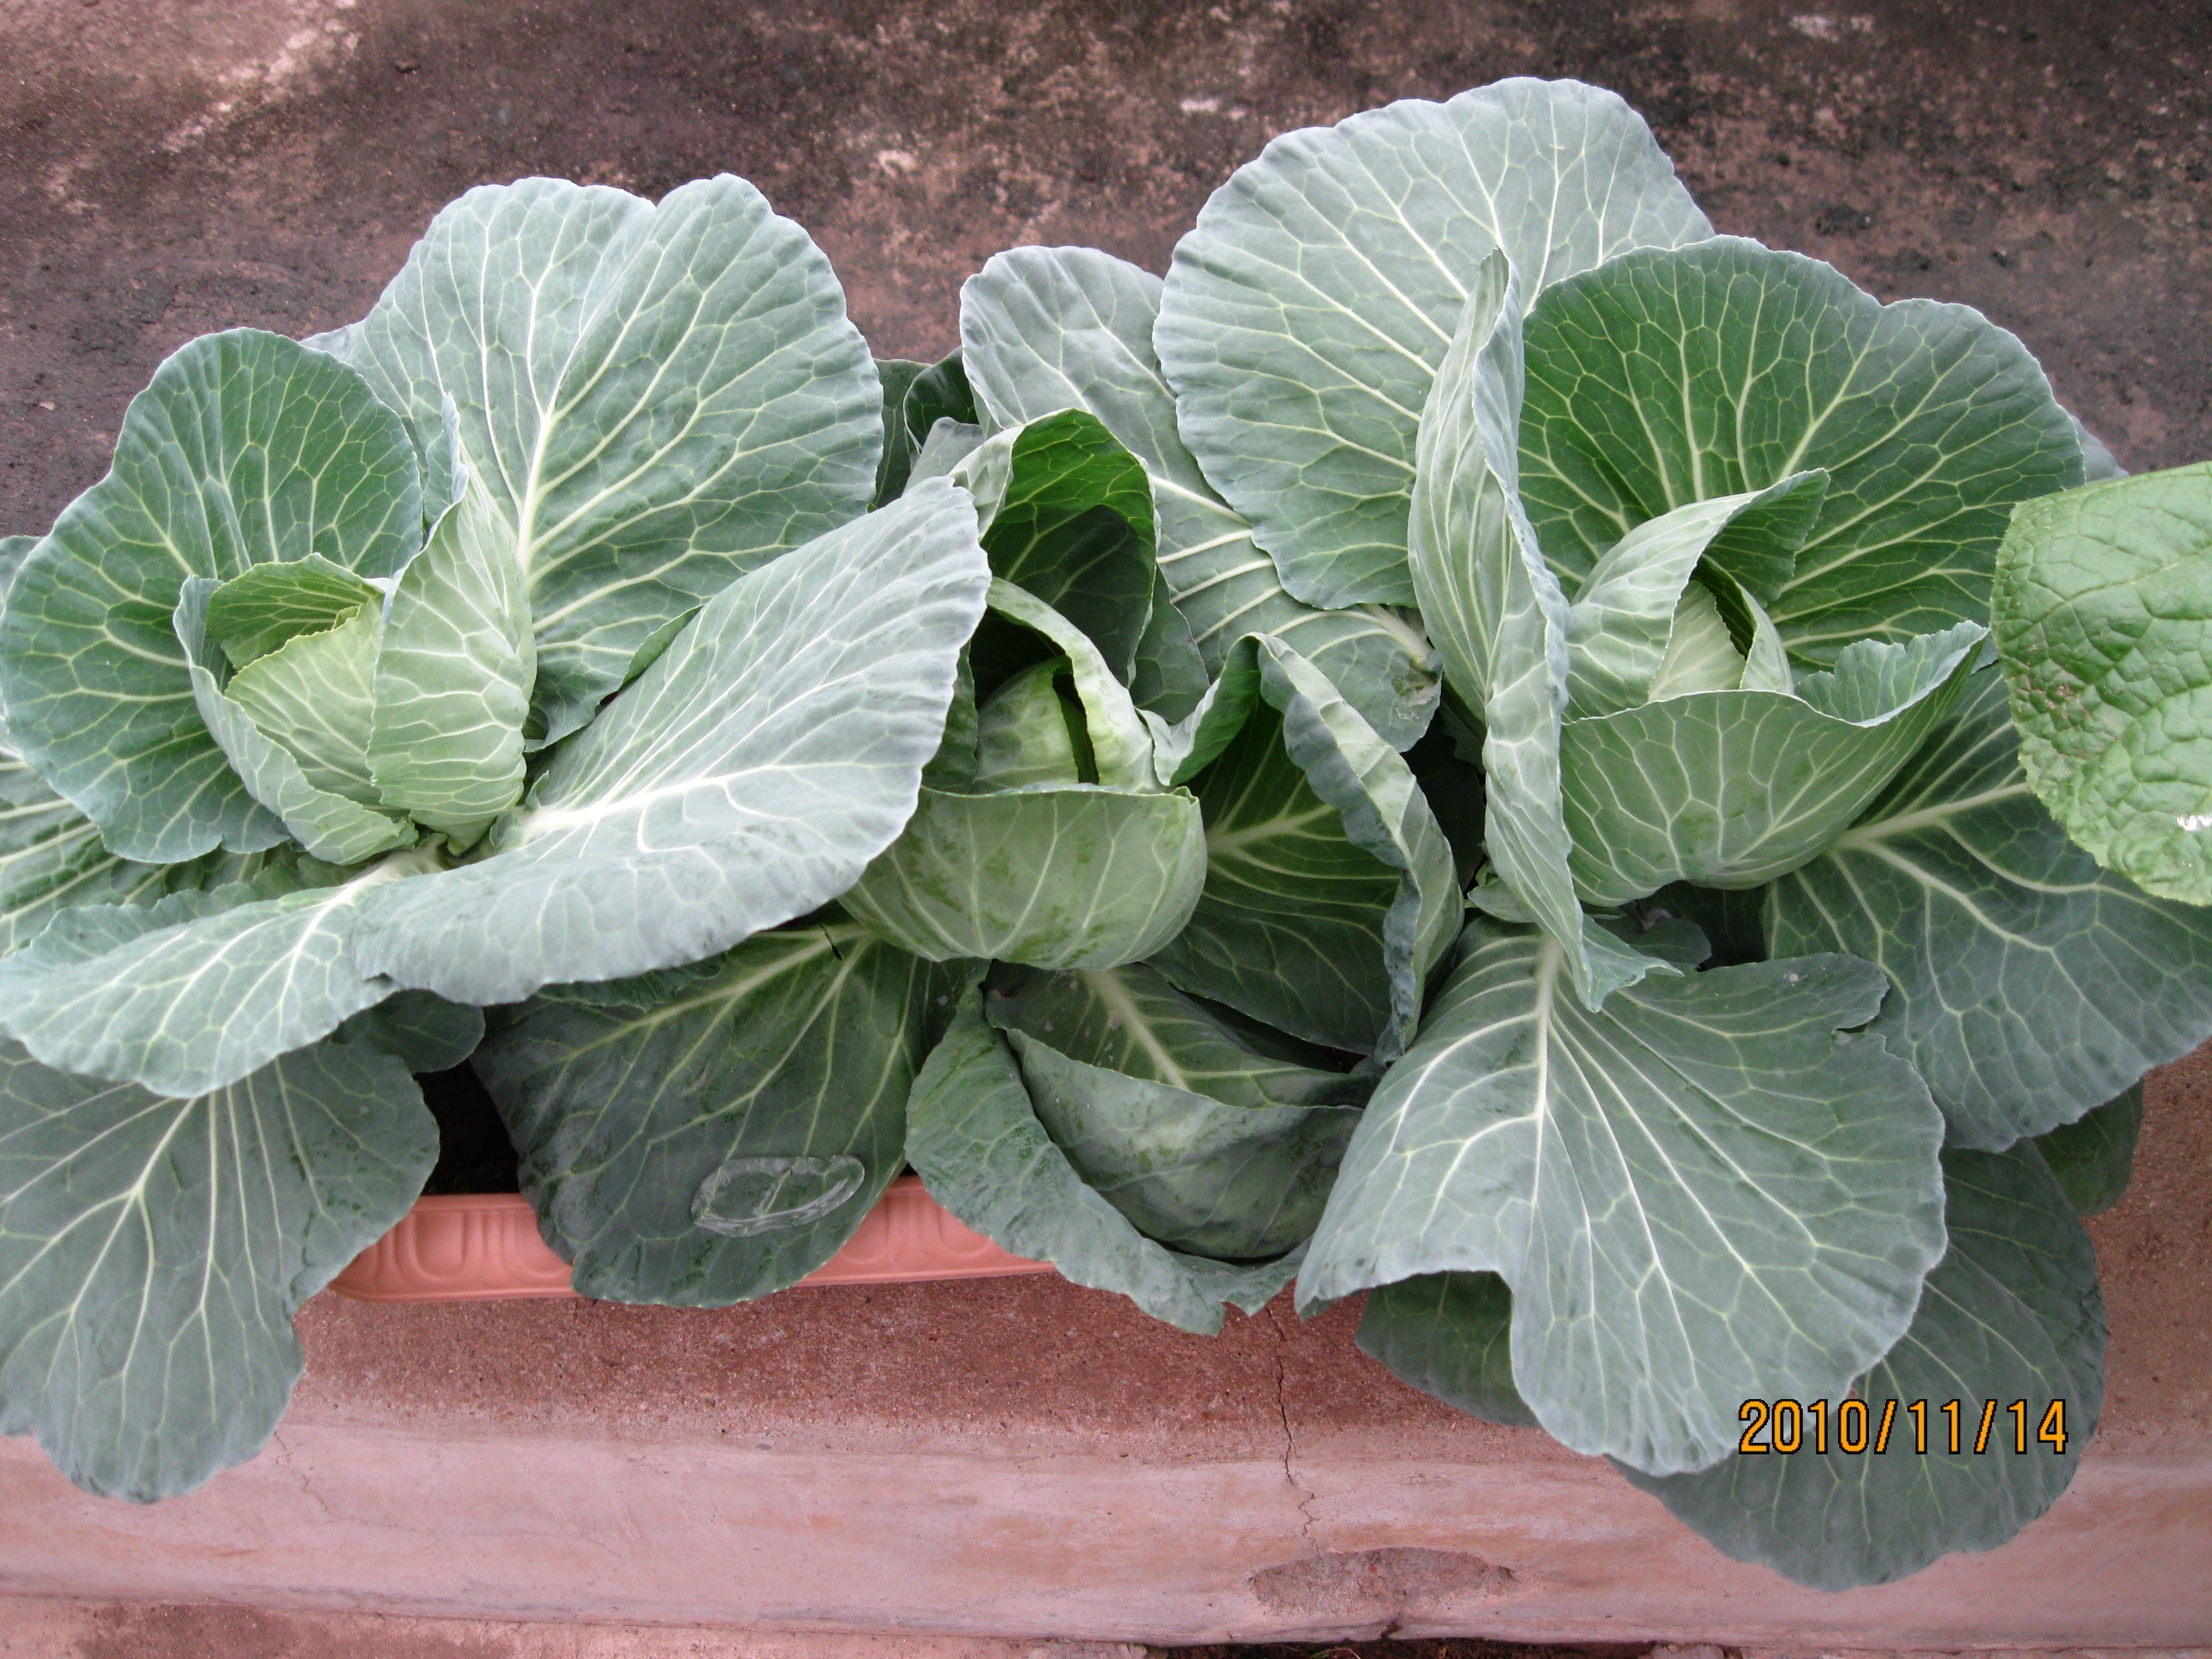 盆栽甘蓝家庭阳台种植城市家庭种菜开心农场现实版图片